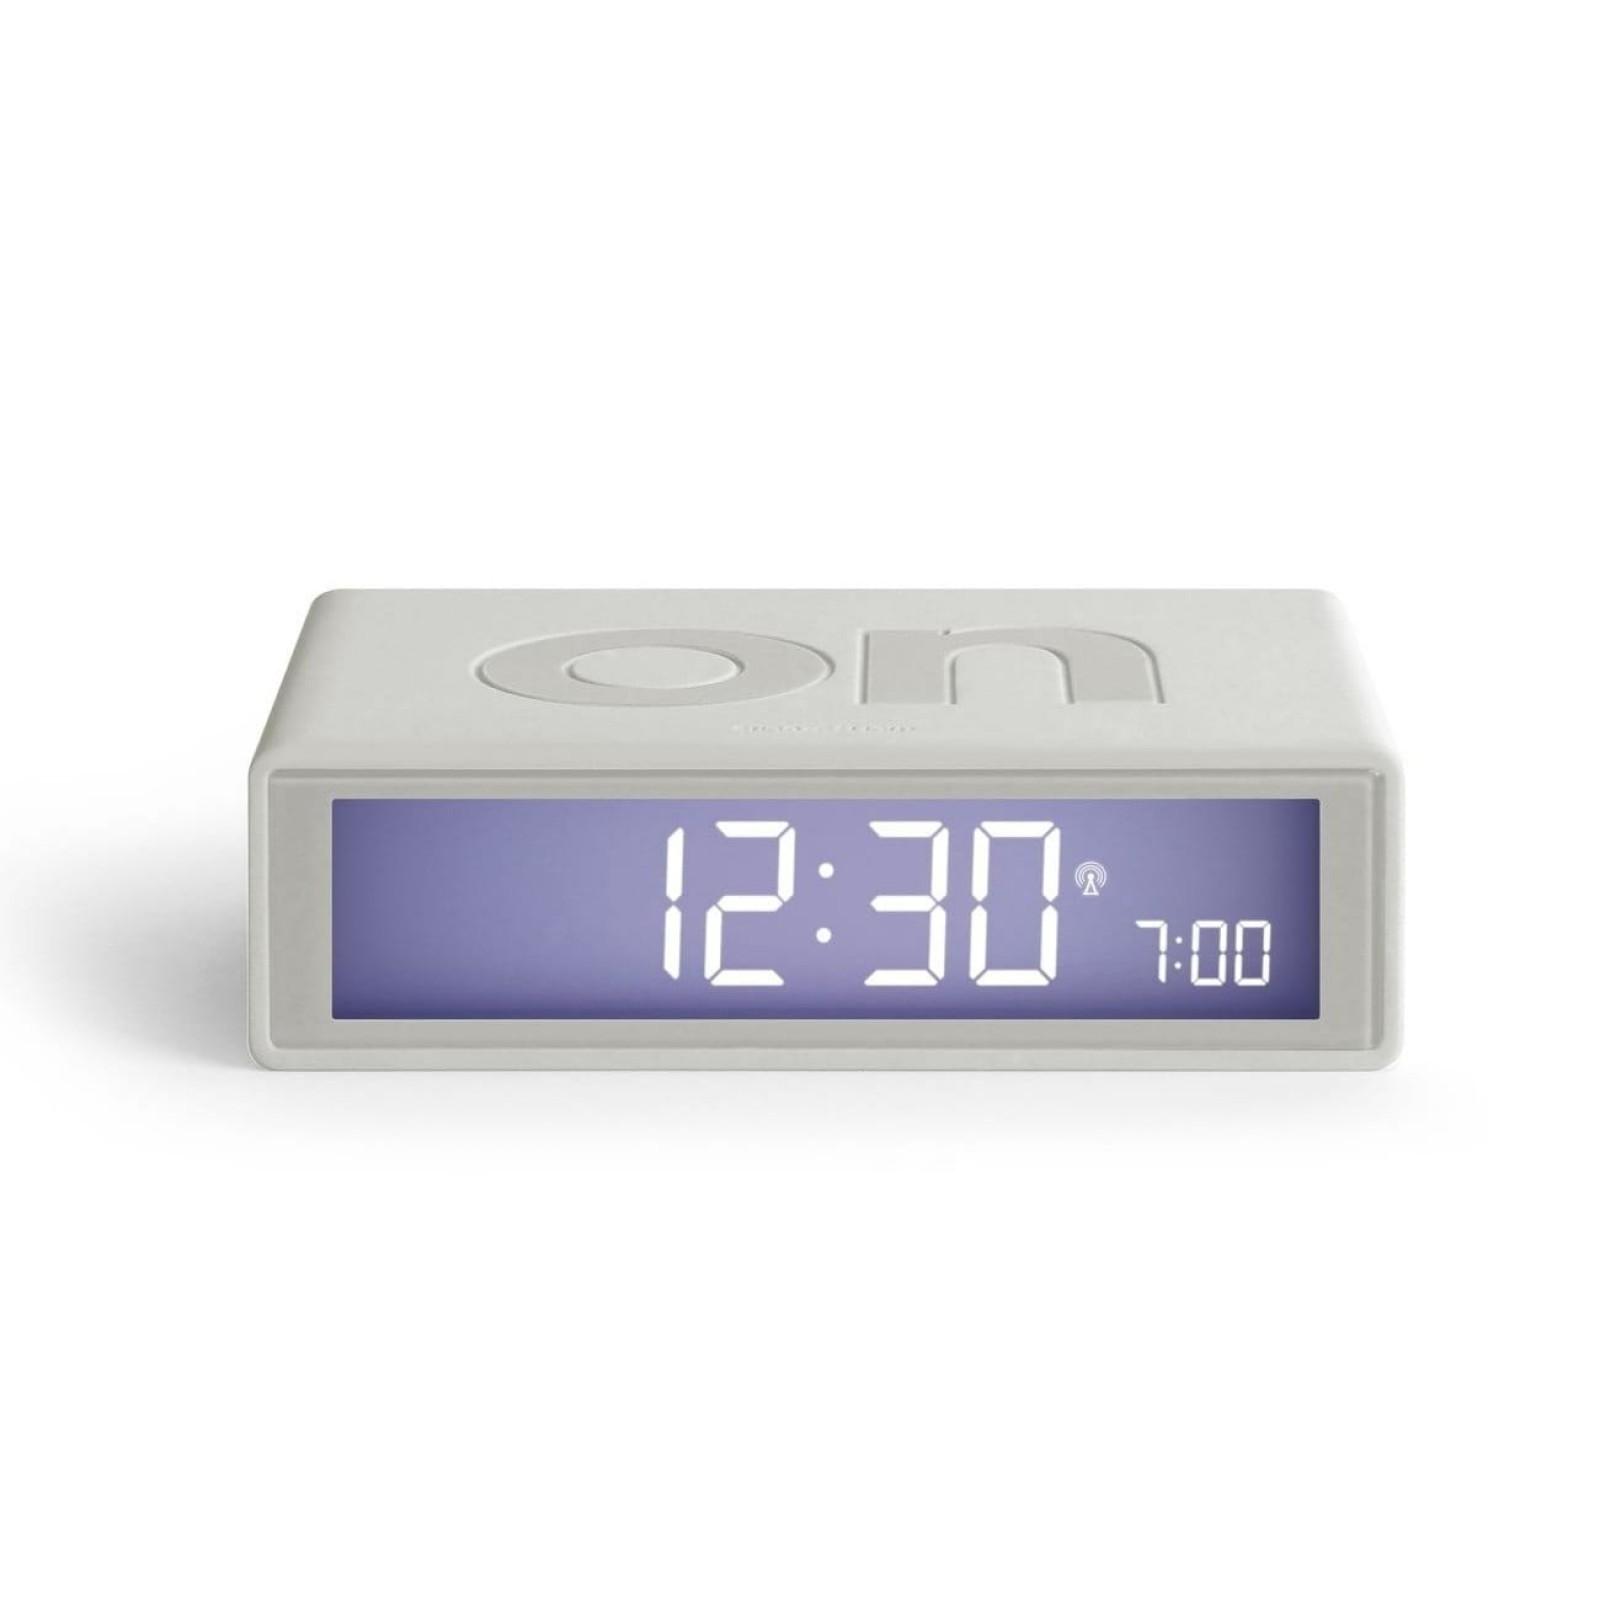 Flip + LCD Alarm Clock (White) - LEXON